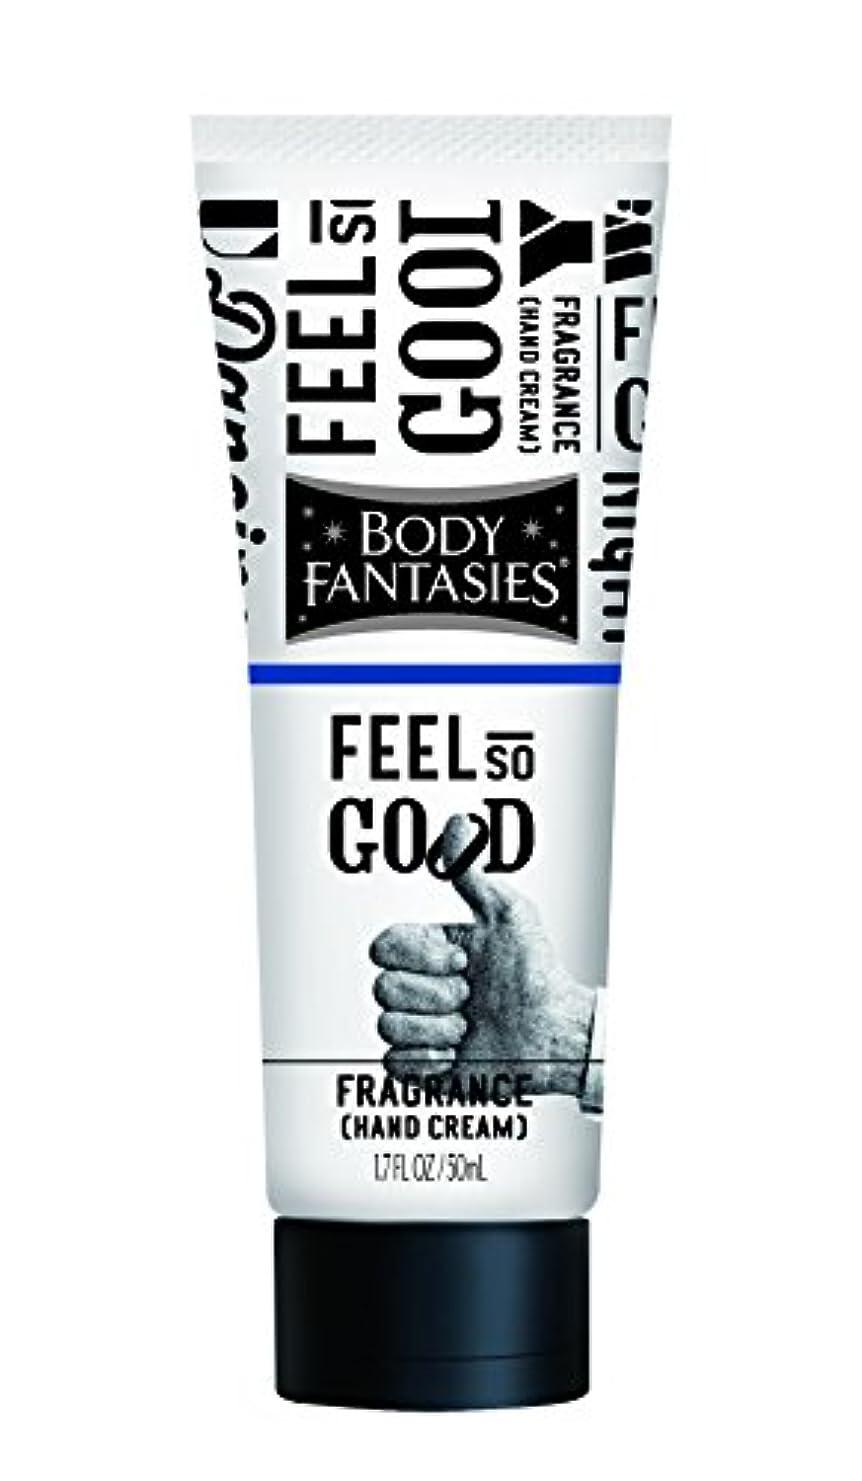 乱用こっそり呼び出すボディファンタジー フレグランスハンドクリーム フィール ソー グッド FEEL SO GOOD 50ml